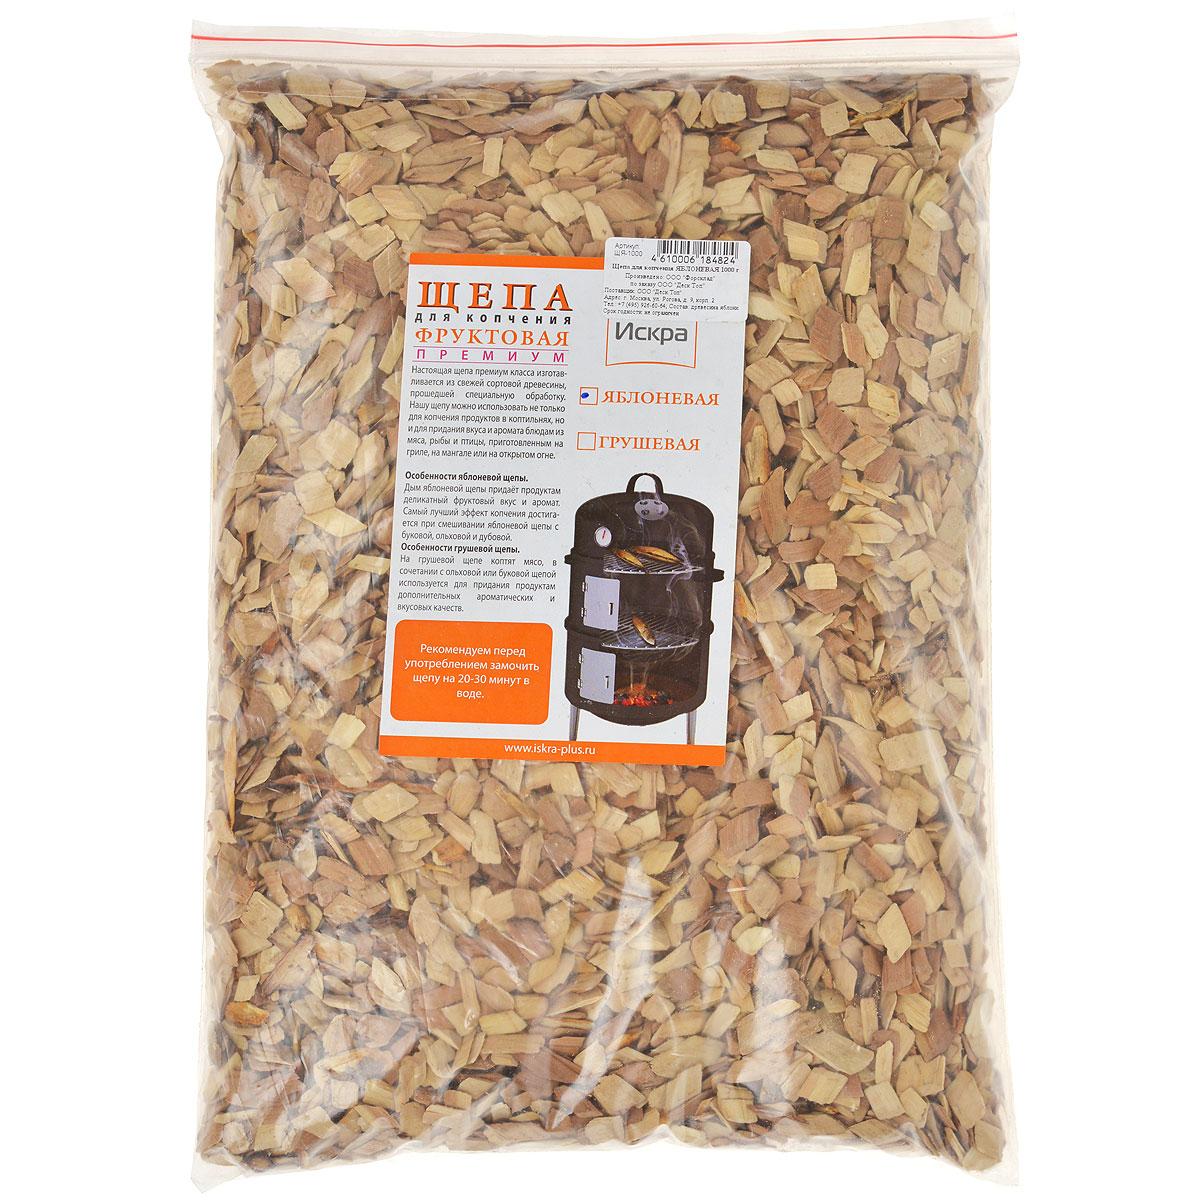 Щепа для копчения Искра Яблоневая, 1 кг391602Щепа для копчения Искра Яблоневая - это настоящая щепа премиум класса, которая изготавливается из свежей сортовой древесины, прошедшей специальную обработку. Такую щепу можно использовать не только для копчения в коптильнях, но и для придания вкуса и аромата блюдам из мяса, рыбы и птицы, приготовленным на гриле, на мангале или на открытом огне. Дым яблоневой щепы придает продуктам деликатный фруктовый вкус и аромат. Самый лучший эффект копчения достигается при смешивания яблоневой щепы с буковой, ольховой и дубовой. Рекомендуется перед употреблением замочить щепу на 20-30 минут в воде.Фракция: 3-8 мм.Вес: 1 кг.Влажность: 15-20%.